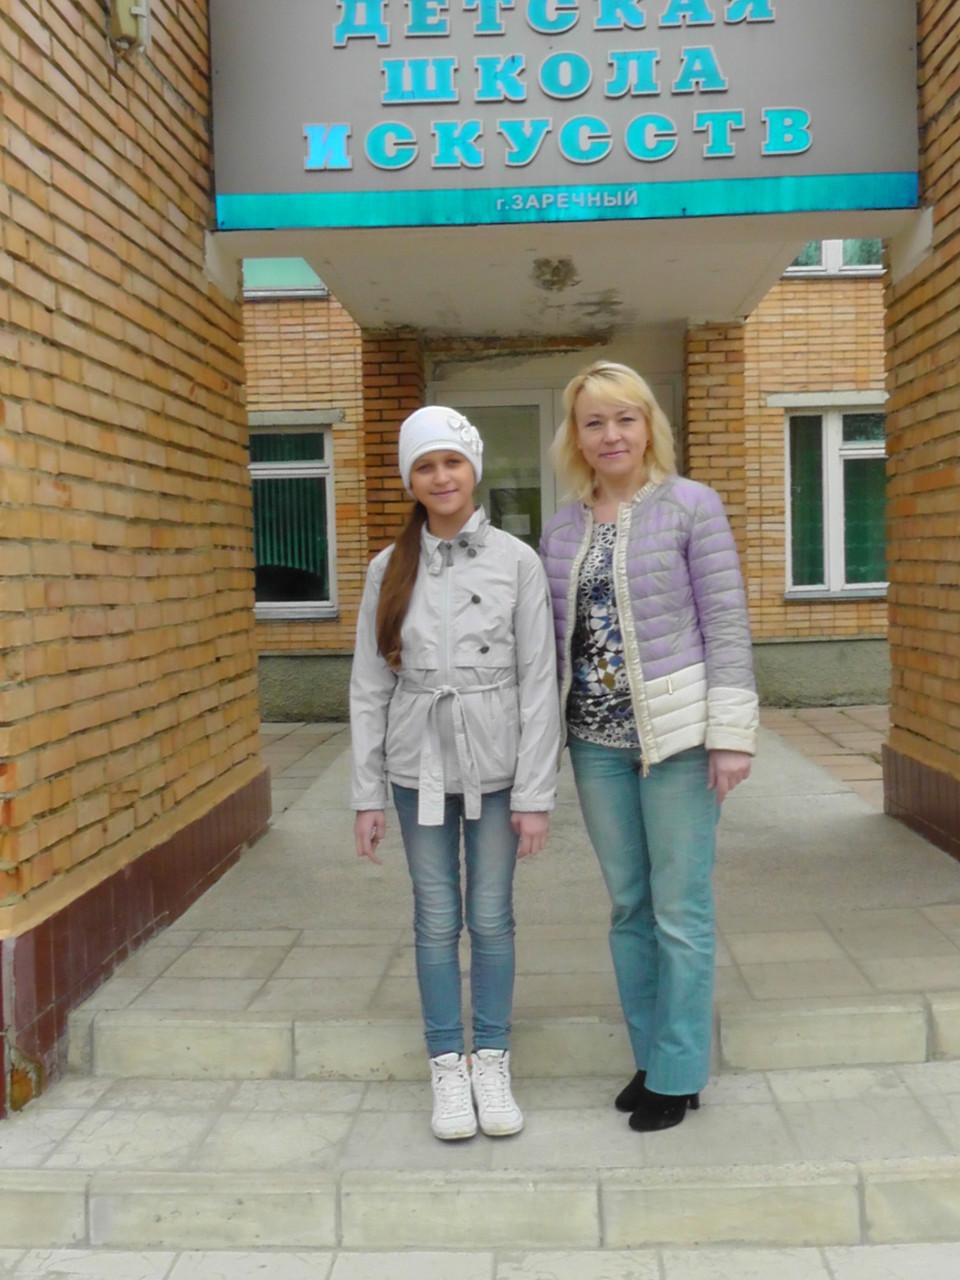 Ирина Валерьевна Чакрян  и Катя Малёва около ДШИ г. Заречный, Пензенской области